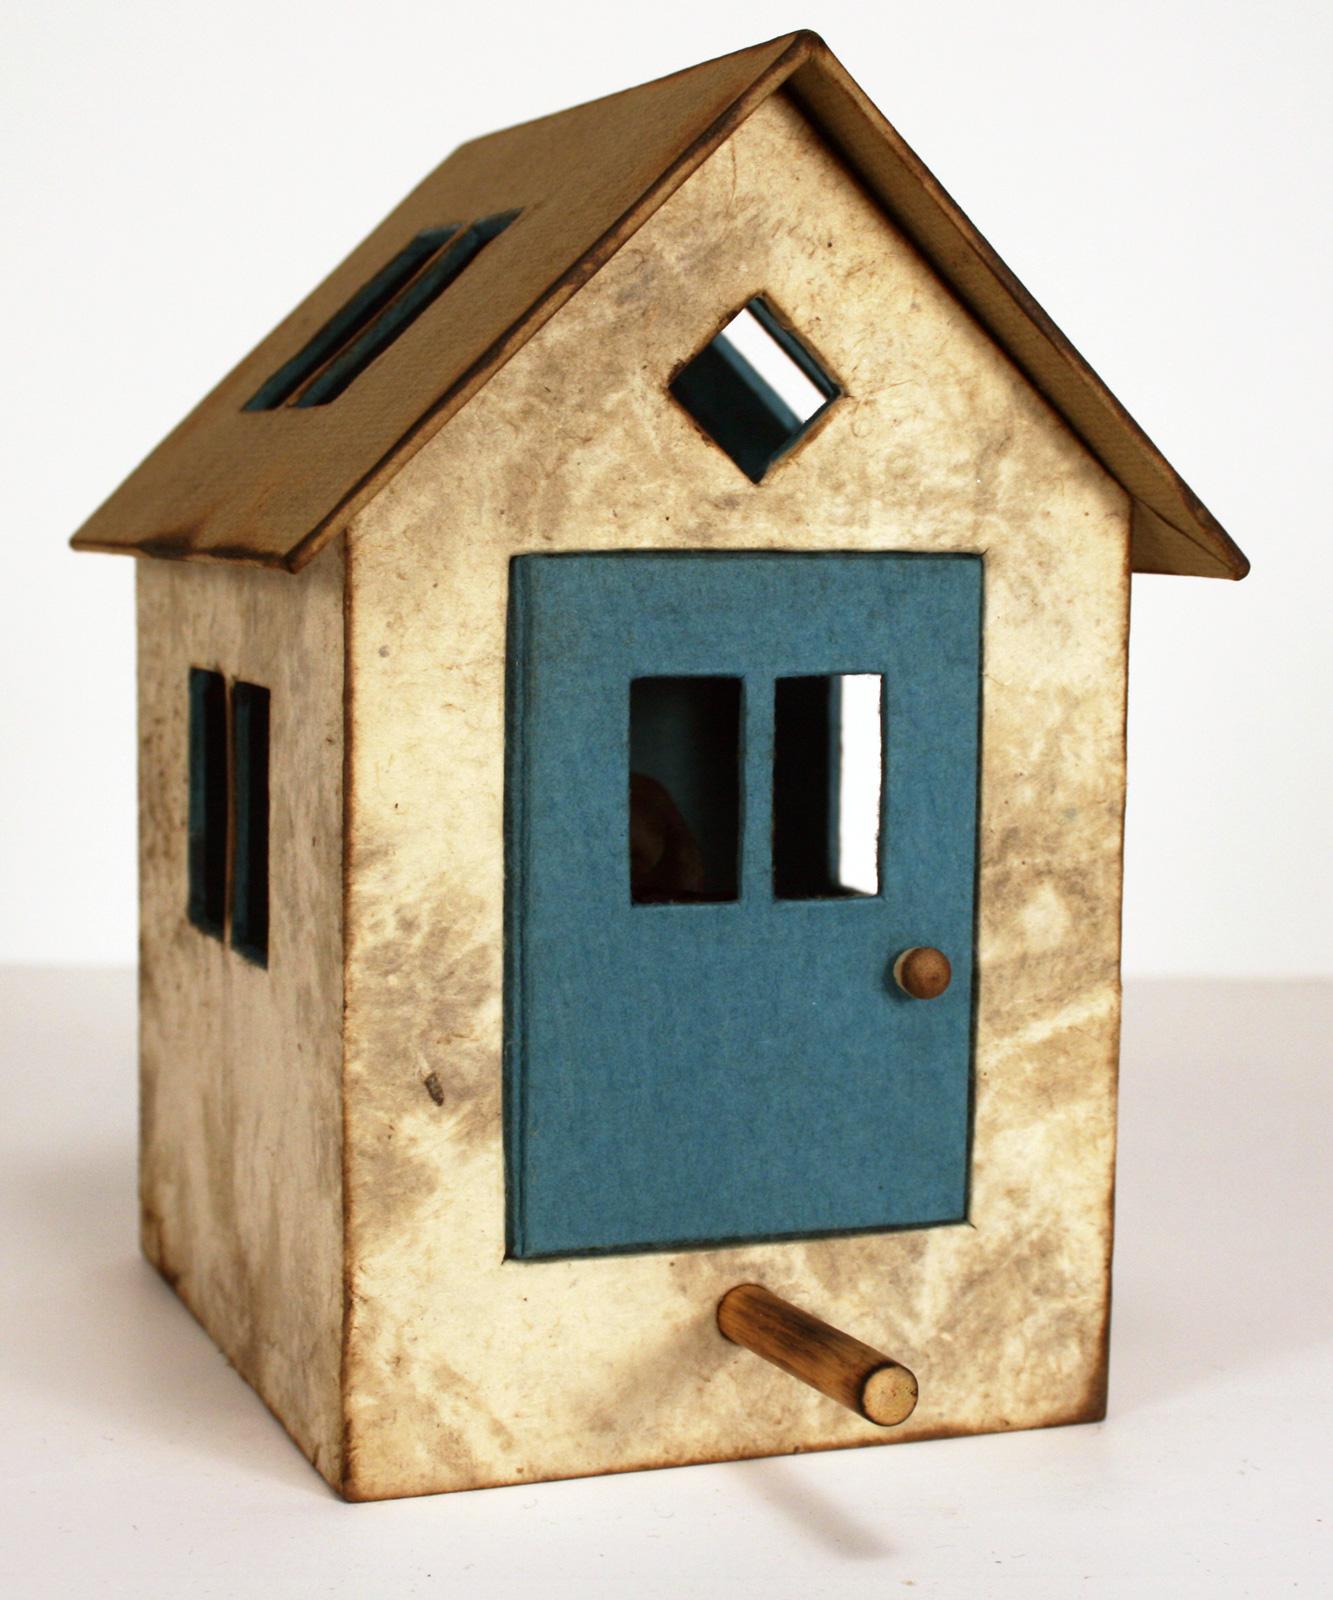 Bird-Houses-Installation-View-4_1-door-closed.jpg